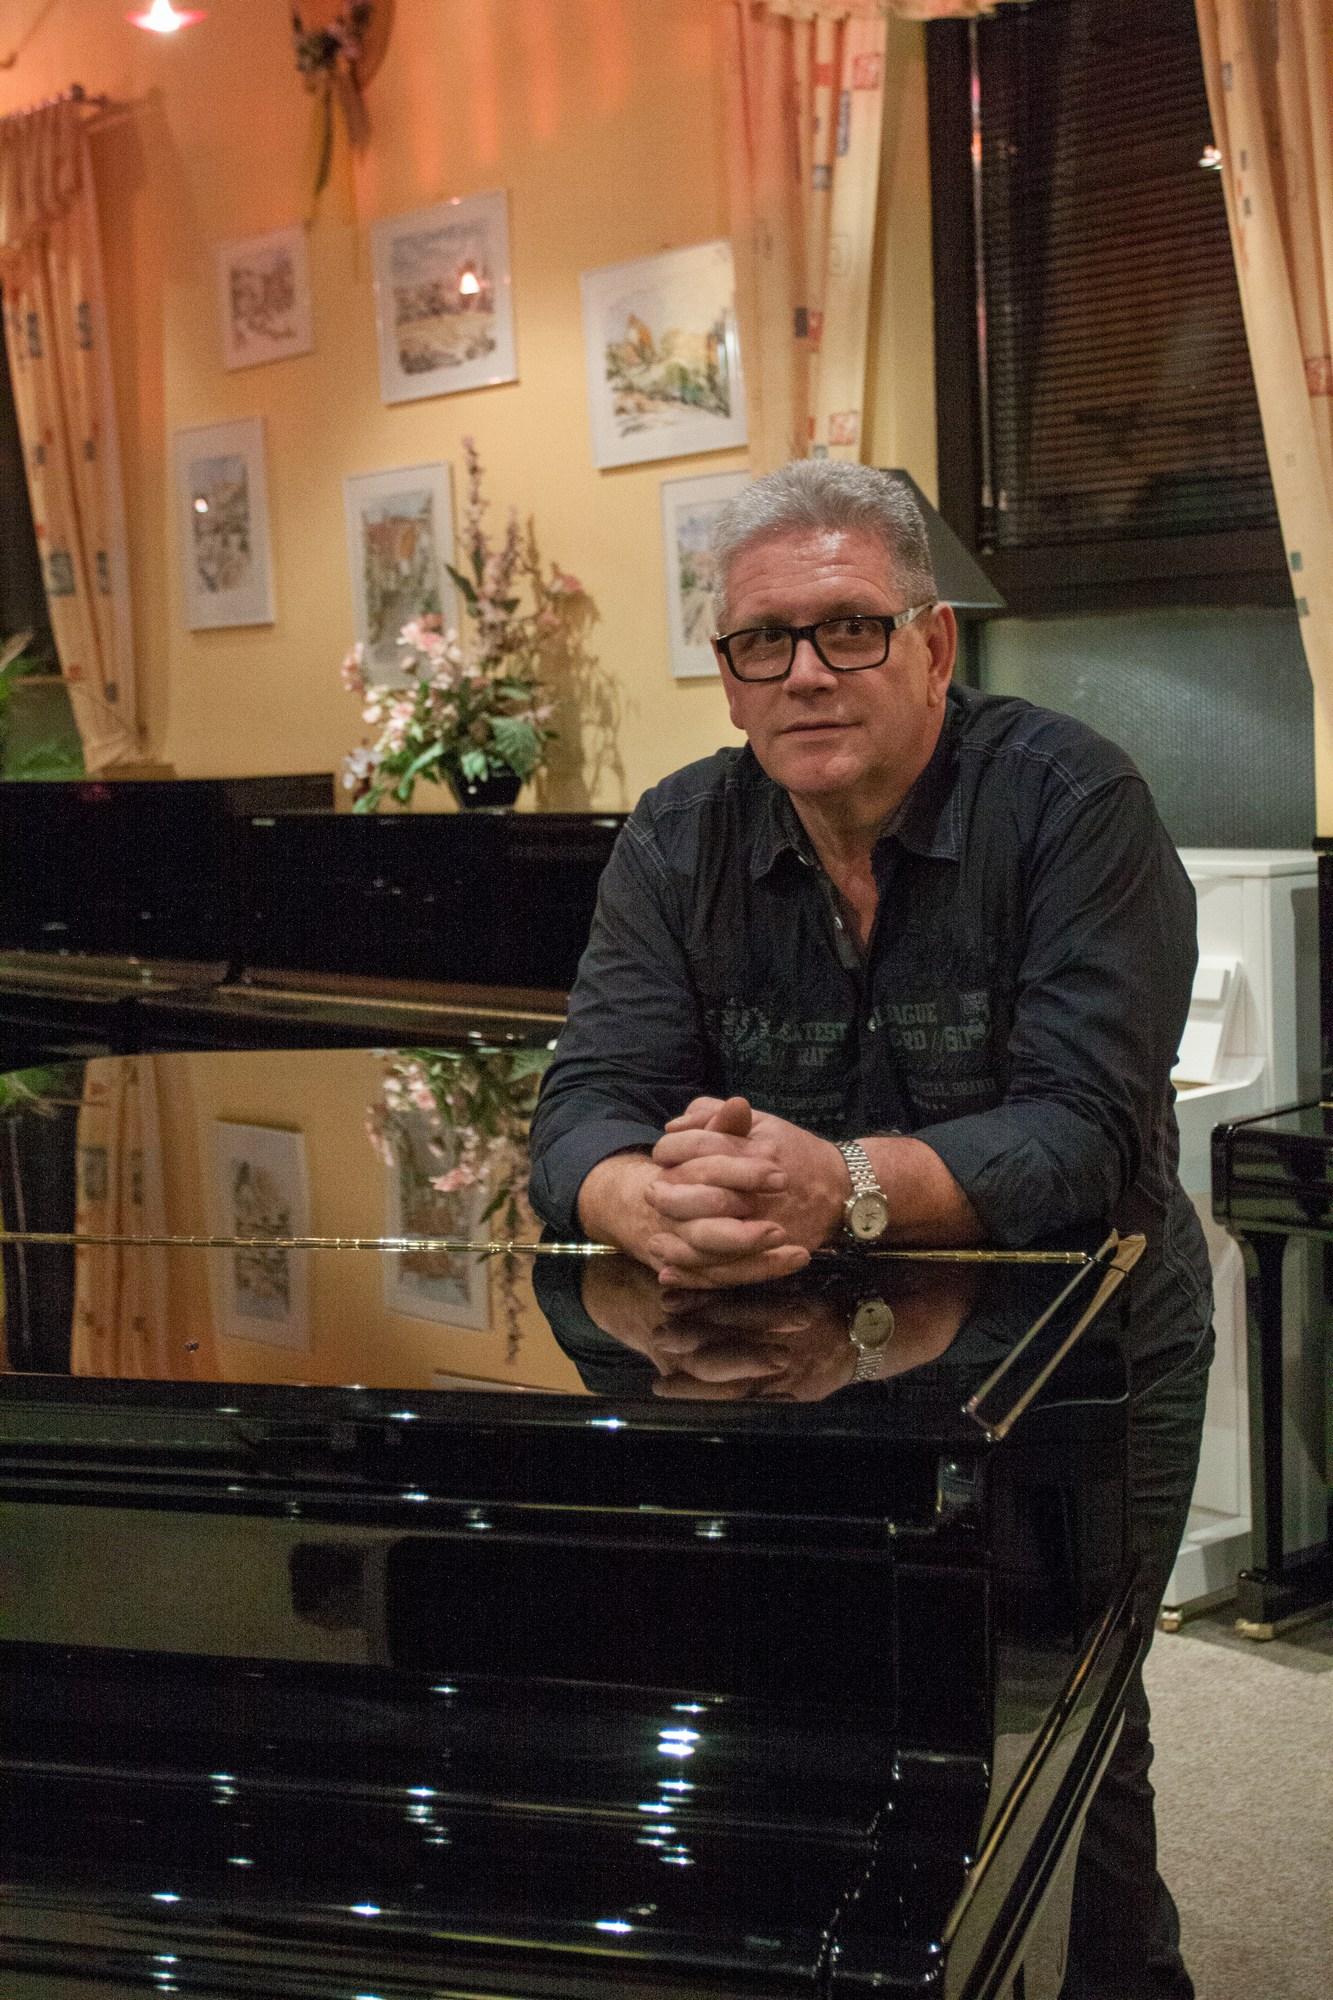 Georg Berretz - Klavier-Stimmung | Piano Berretz